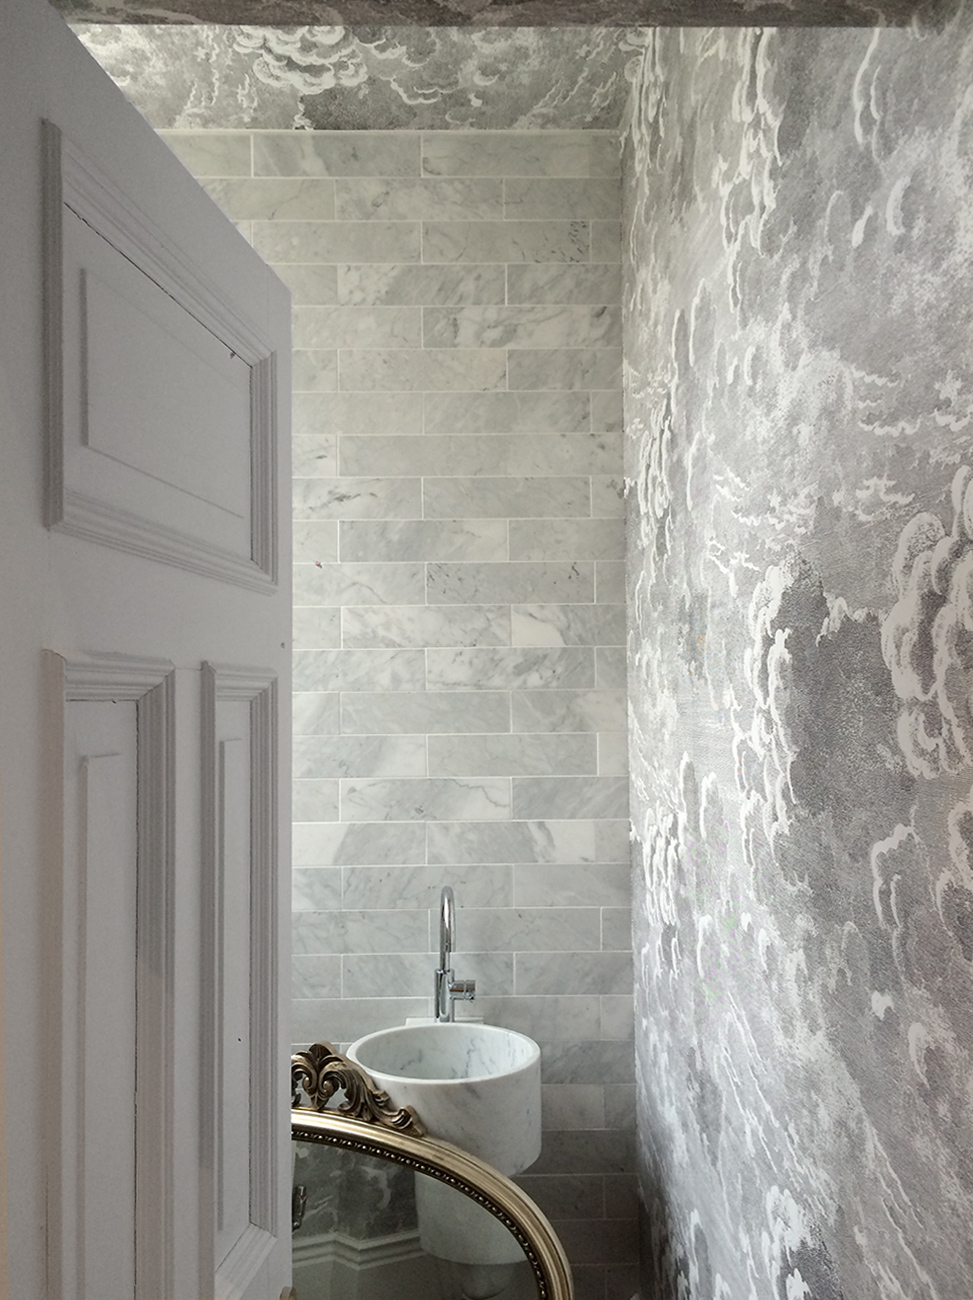 Studio milo brings italian interior design to gosforth for Italian closet design